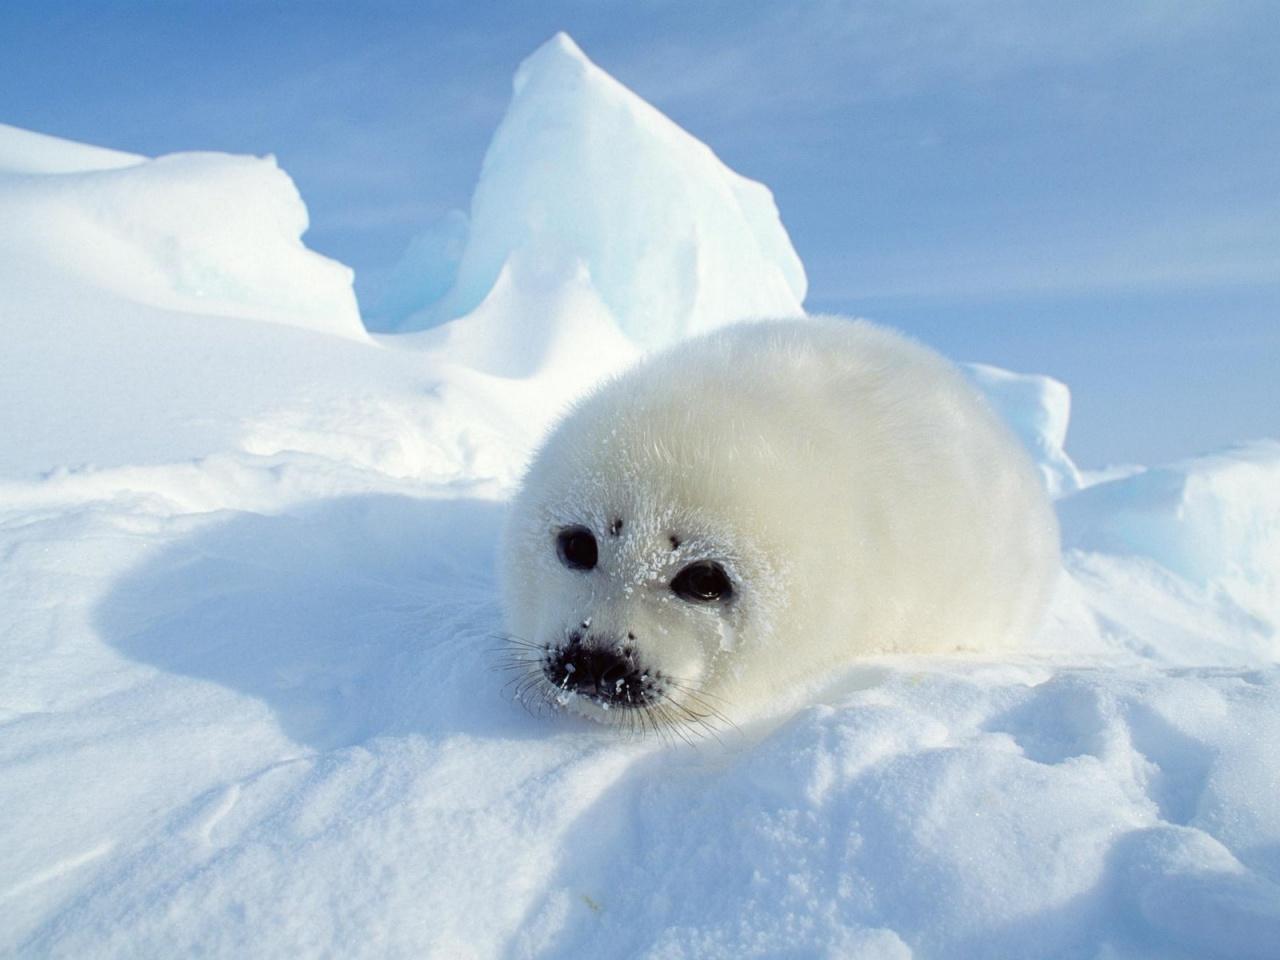 Harp seal pup - harp seal, harp seal wallpaper, harp seal wallpapers